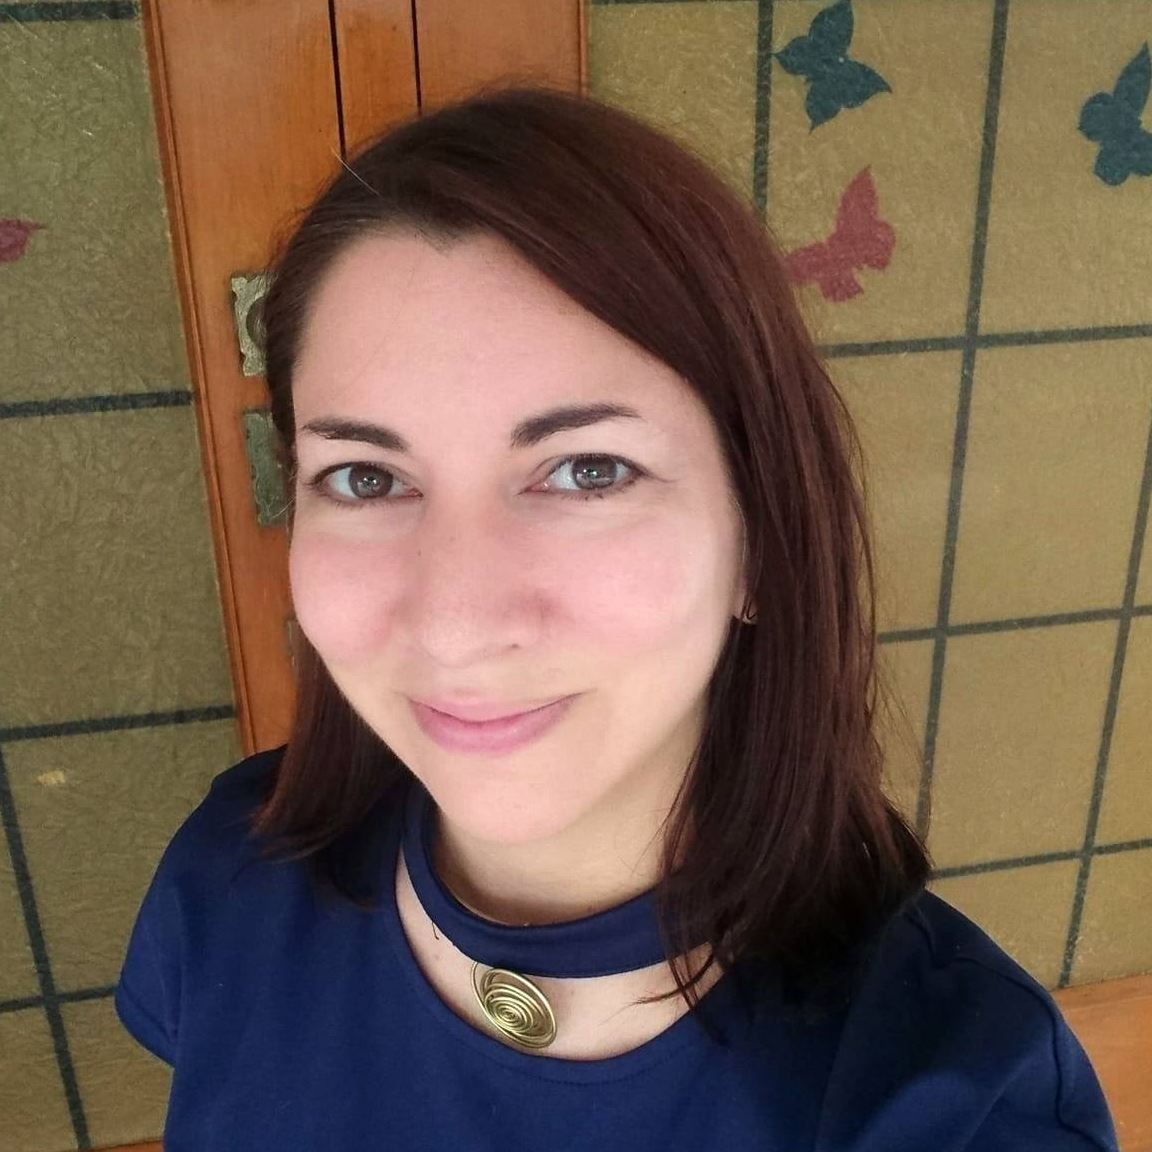 Kristen Palana